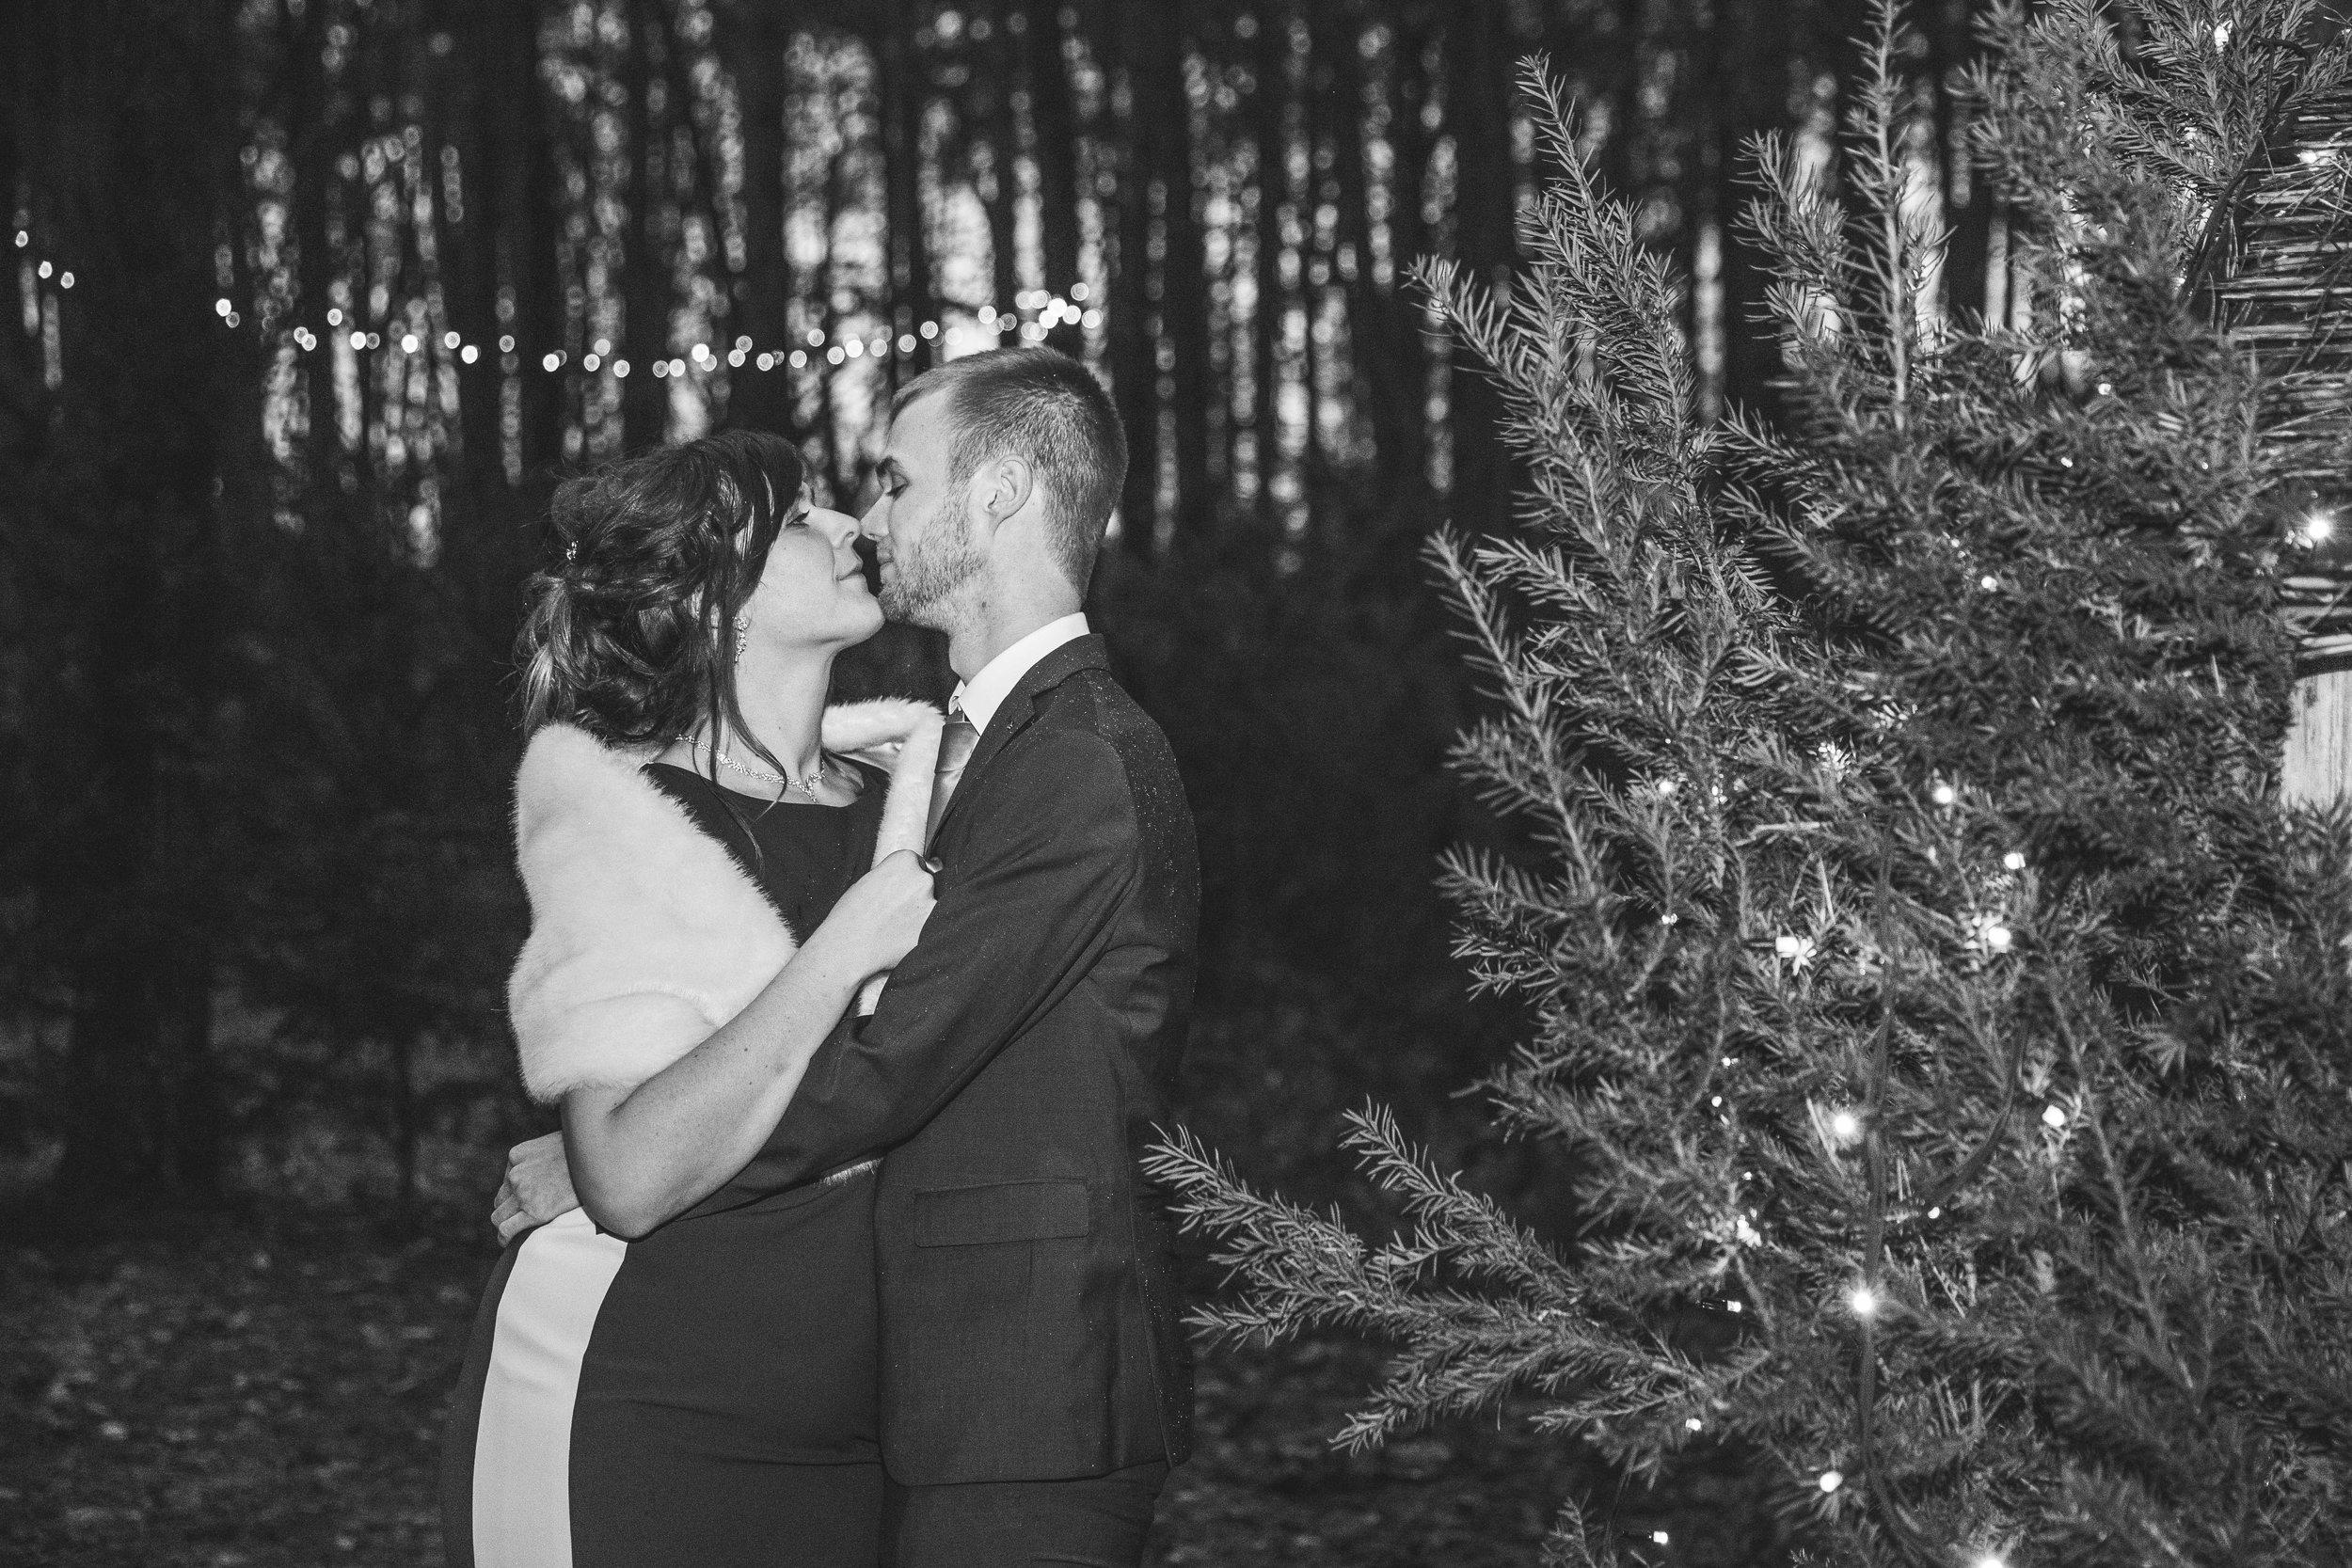 Huwelijk-Karo-Steven-20171216-Alexis-Breugelmans-011.jpg